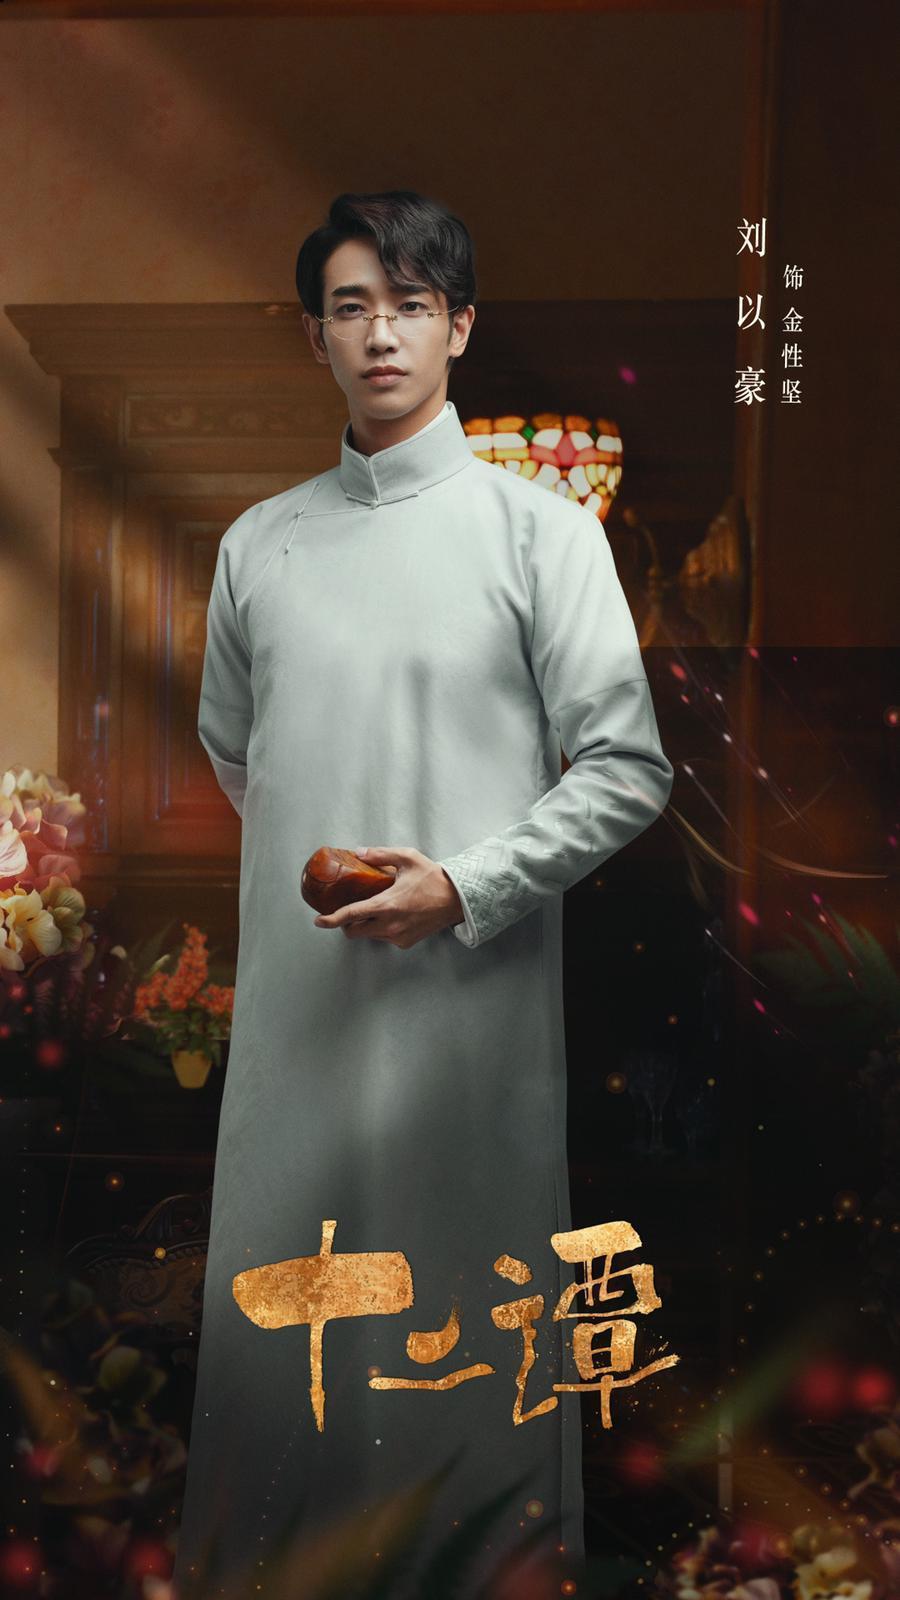 劉以豪主演新戲「十二譚」,帥氣長袍造型曝光。圖/劉以豪經紀公司提供